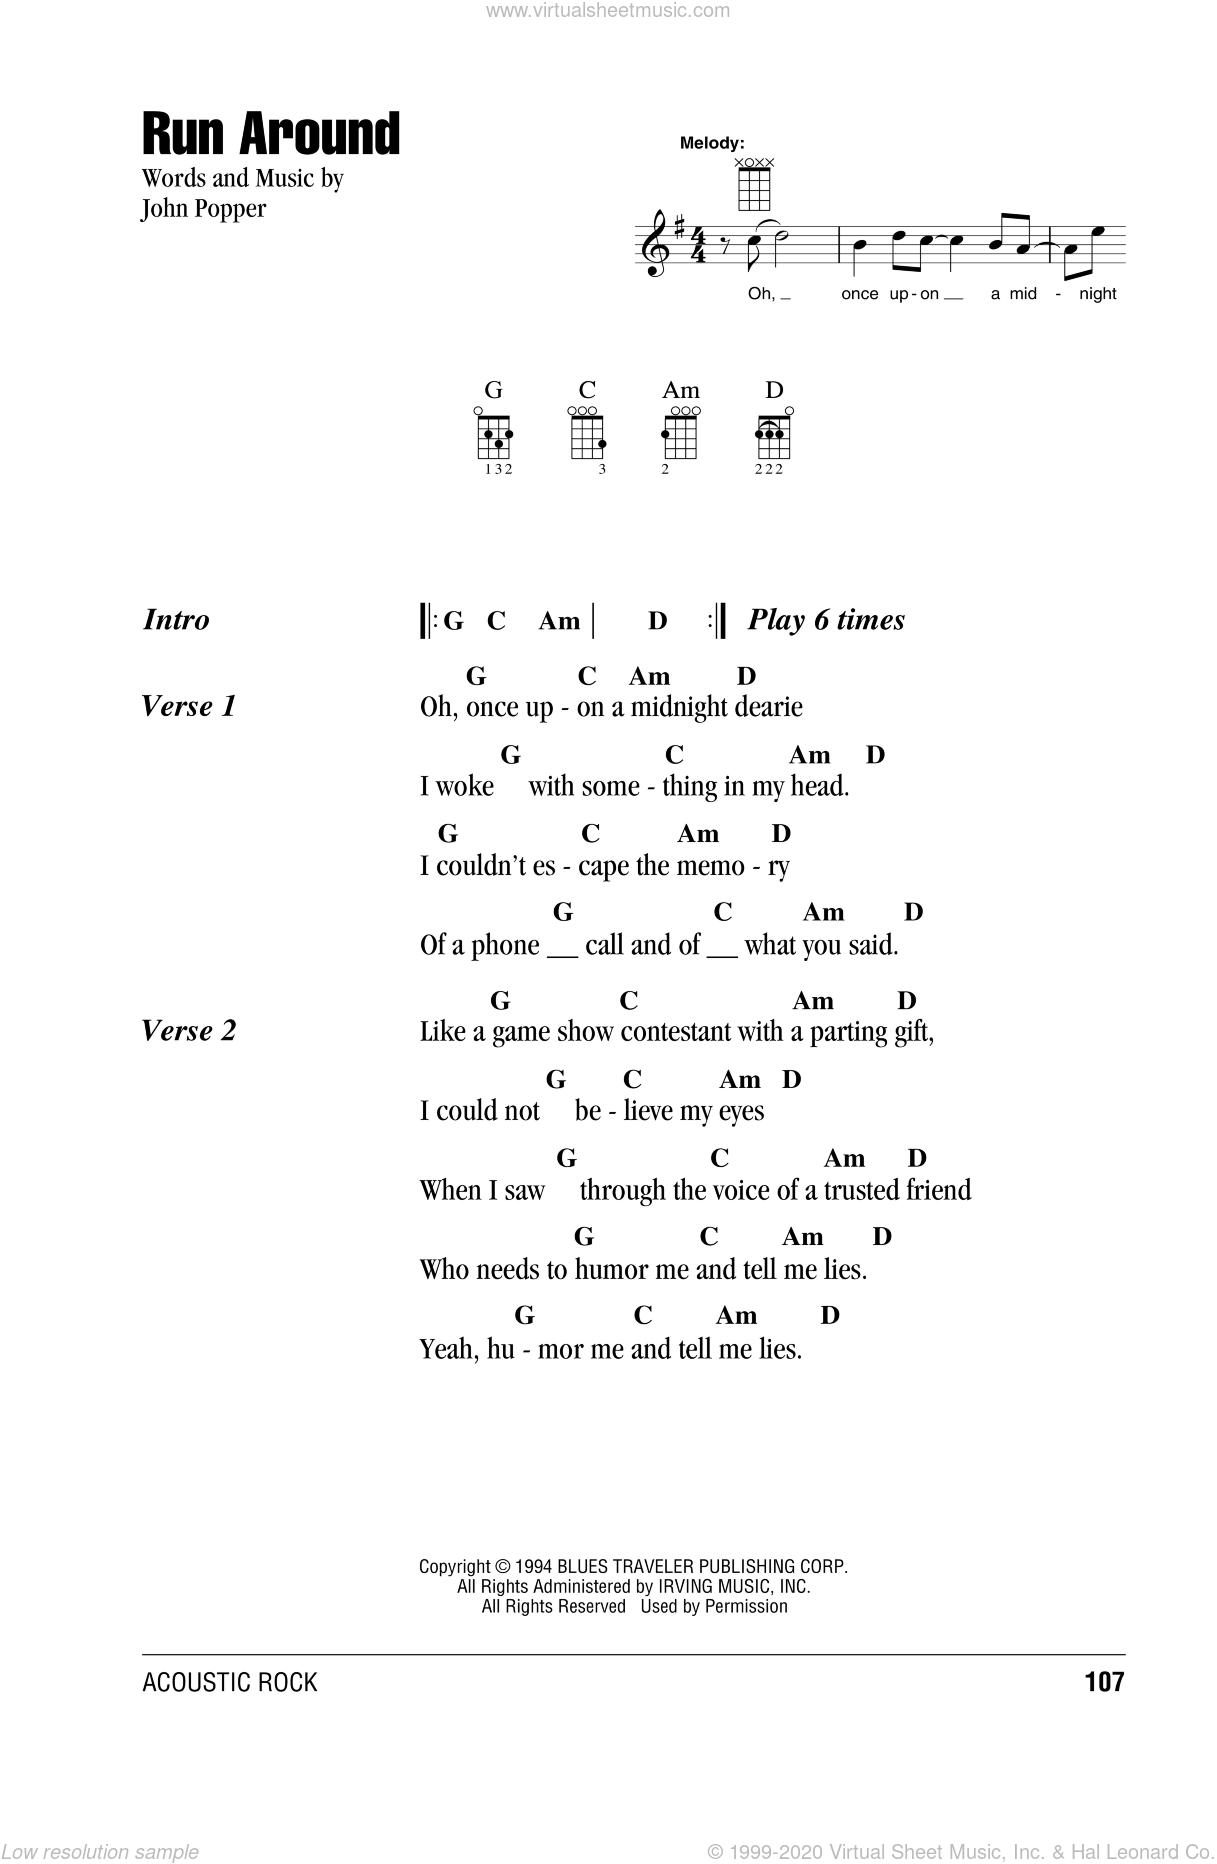 Run Around sheet music for ukulele (chords) by Blues Traveler and John Popper, intermediate skill level